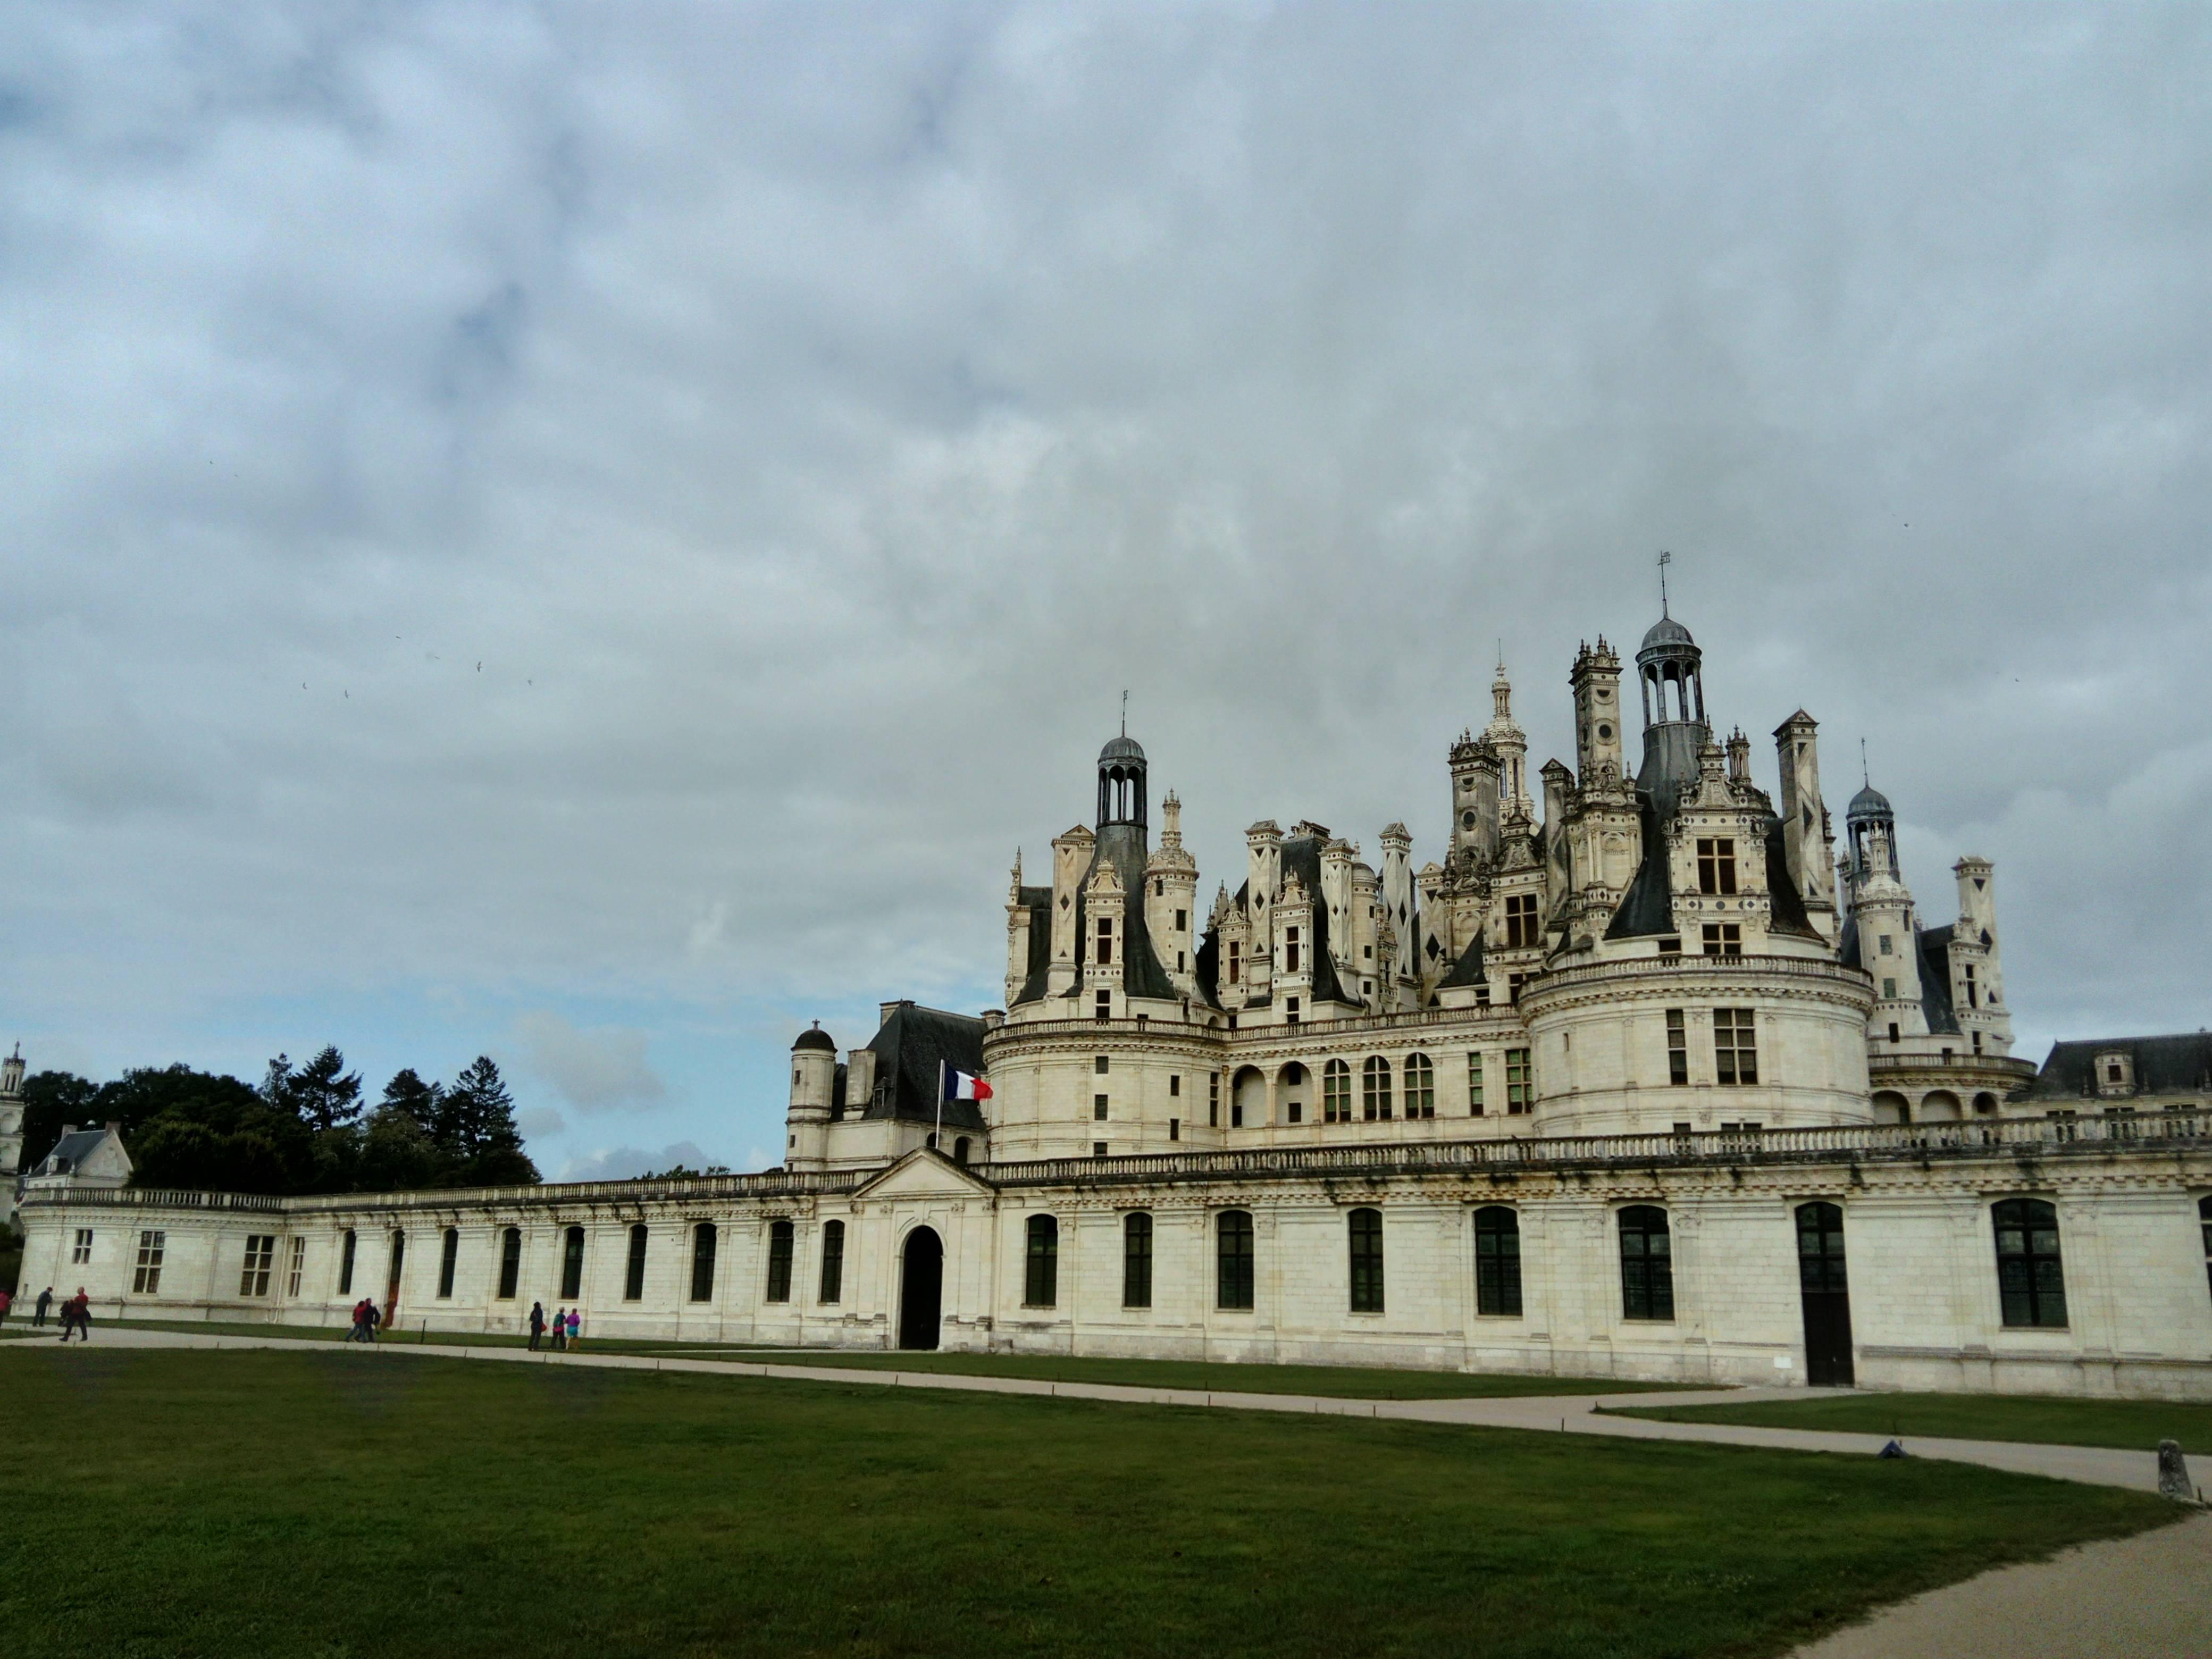 Photo 1: Visite du château de Chambord